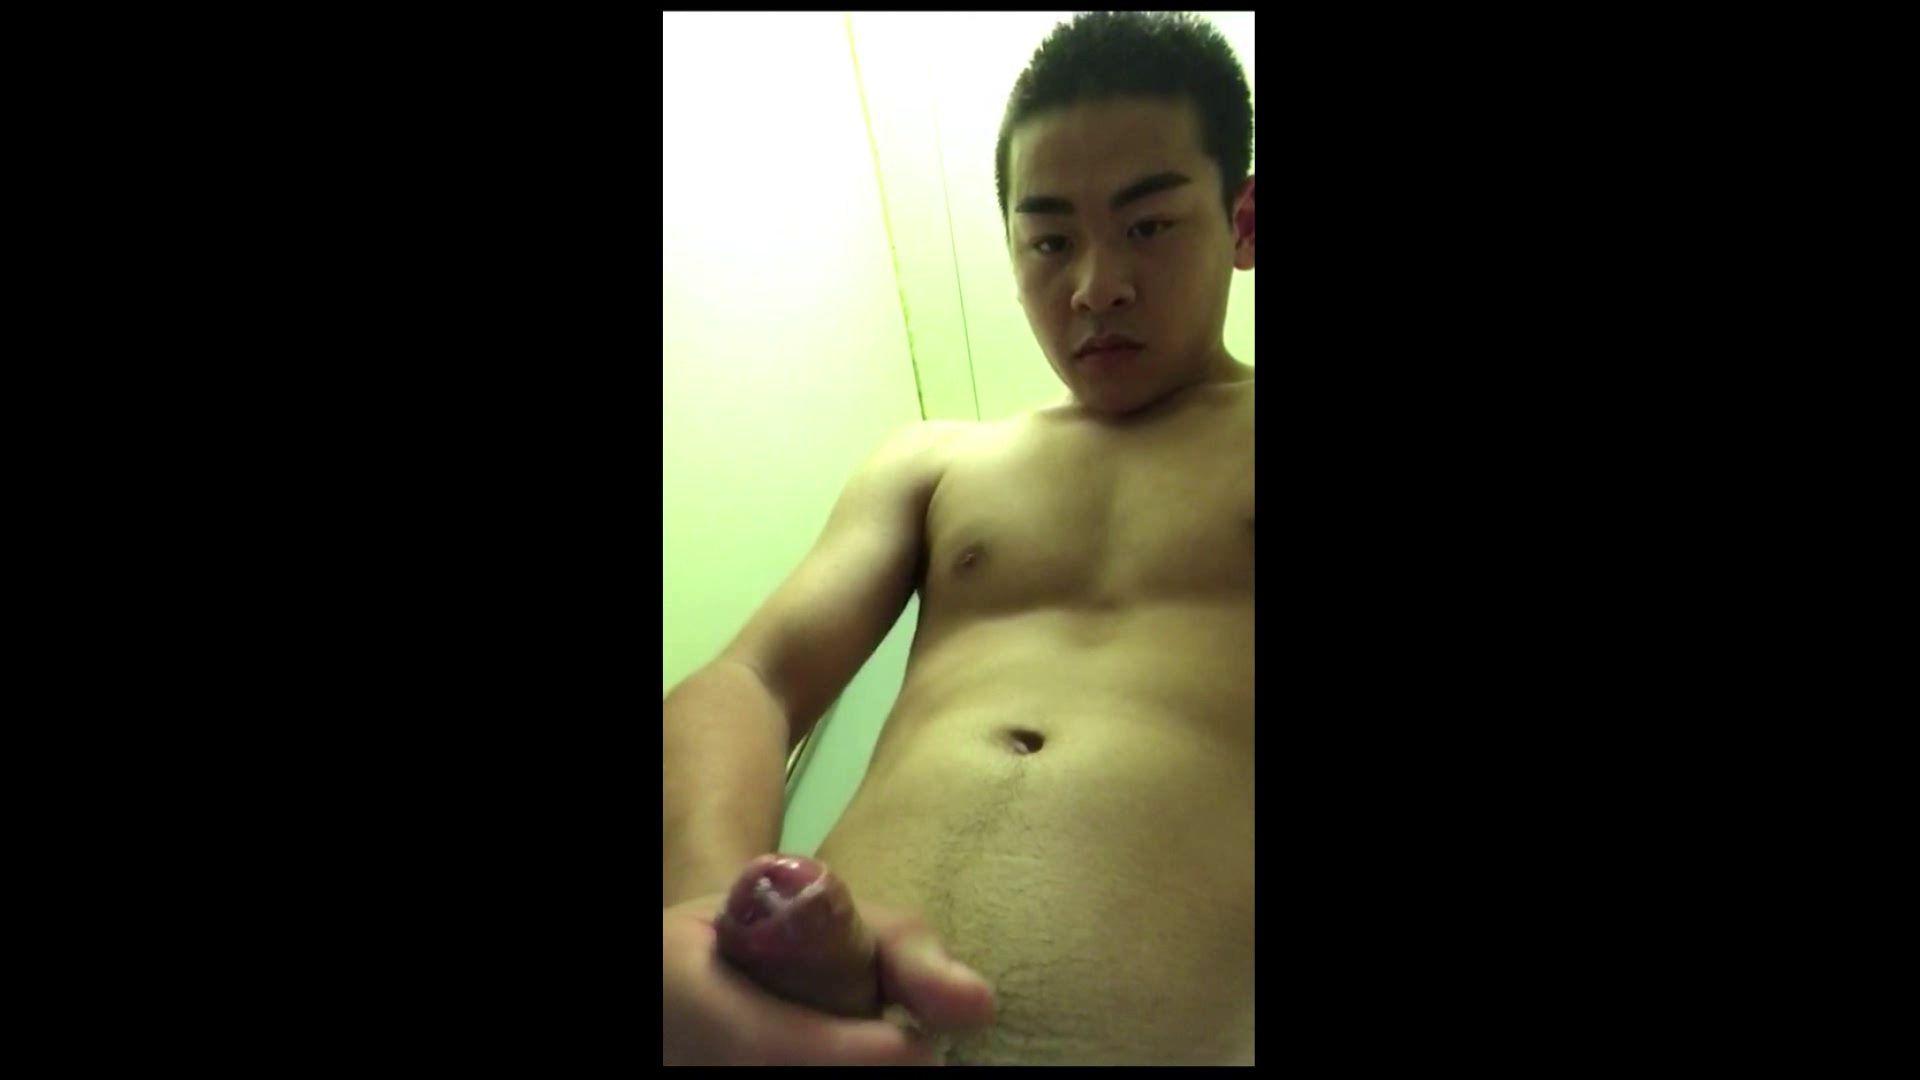 ゲイ 肉棒 動画|僕たちと一緒にオナりませんか? Vol.53|オナニー